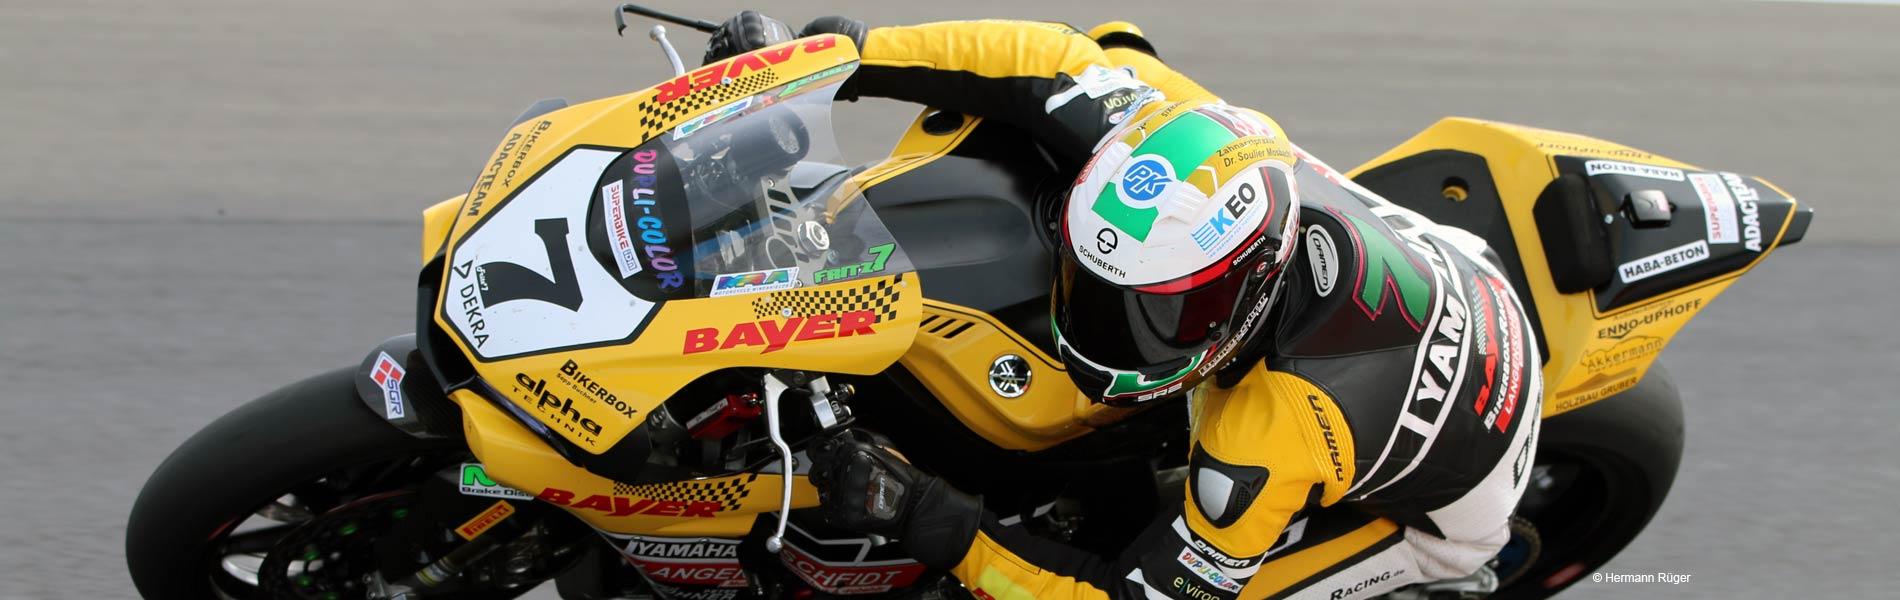 Marvin Fritz - Bayer - Bikerbox - Langenscheidt - Racing